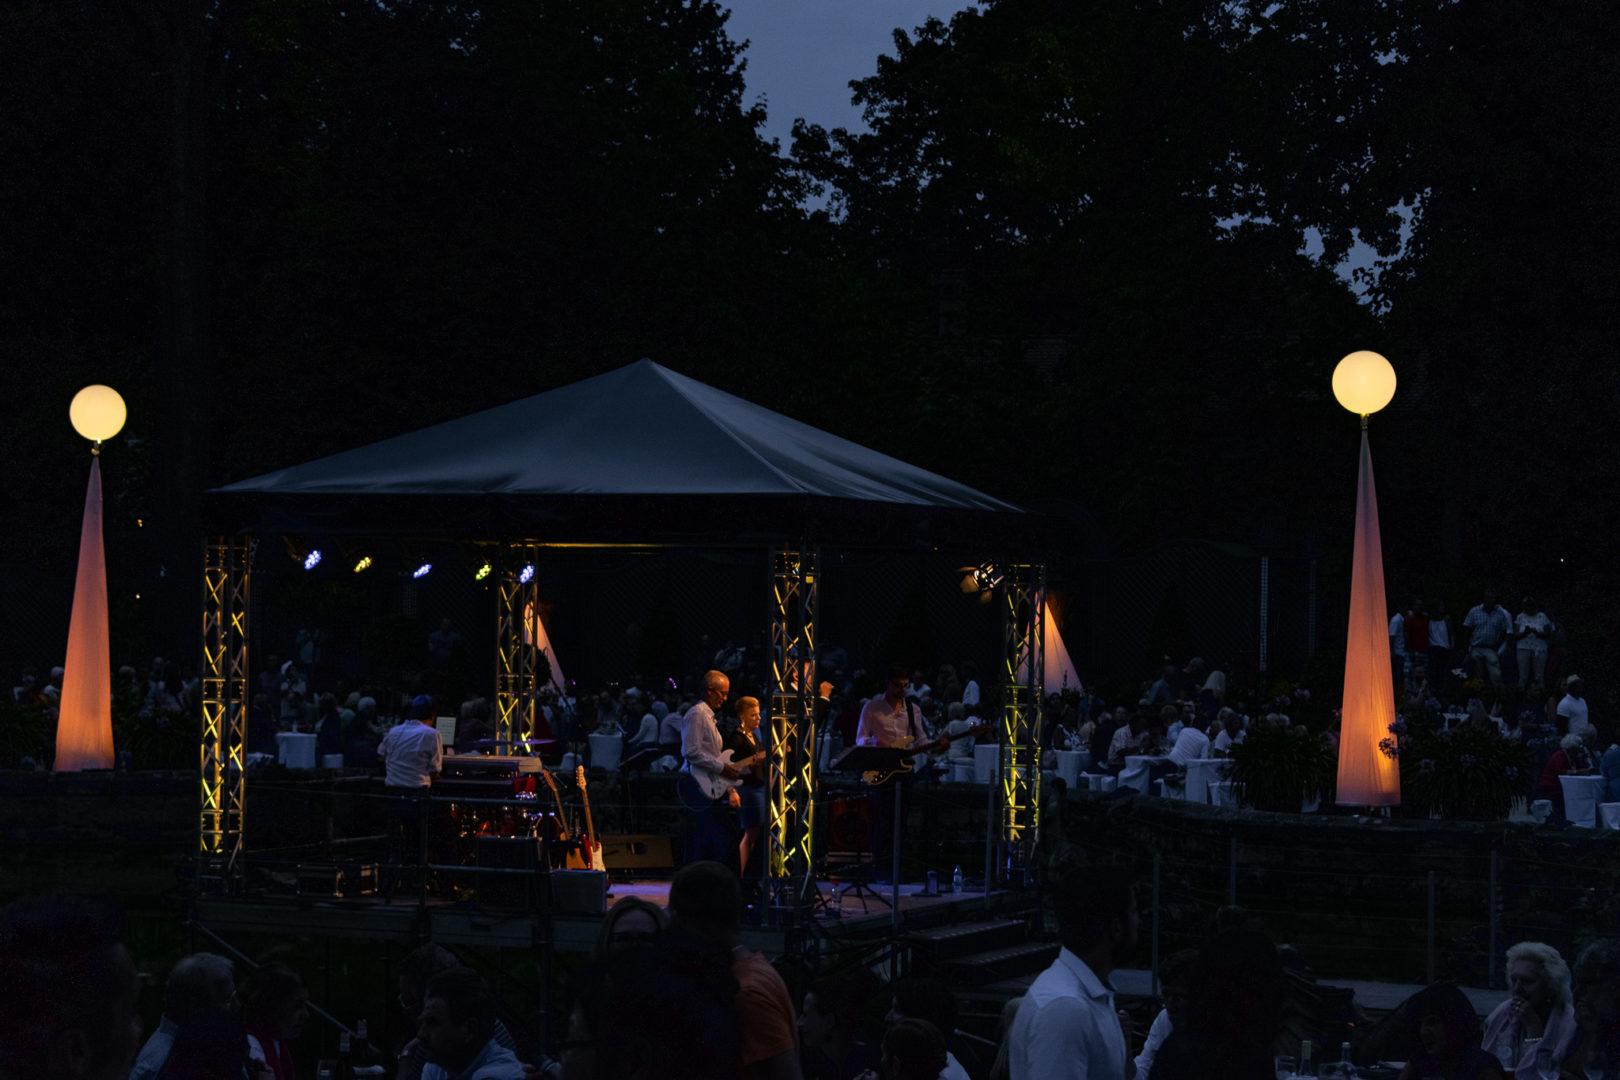 Band auf der Bühne im Brunnen der Orangerie